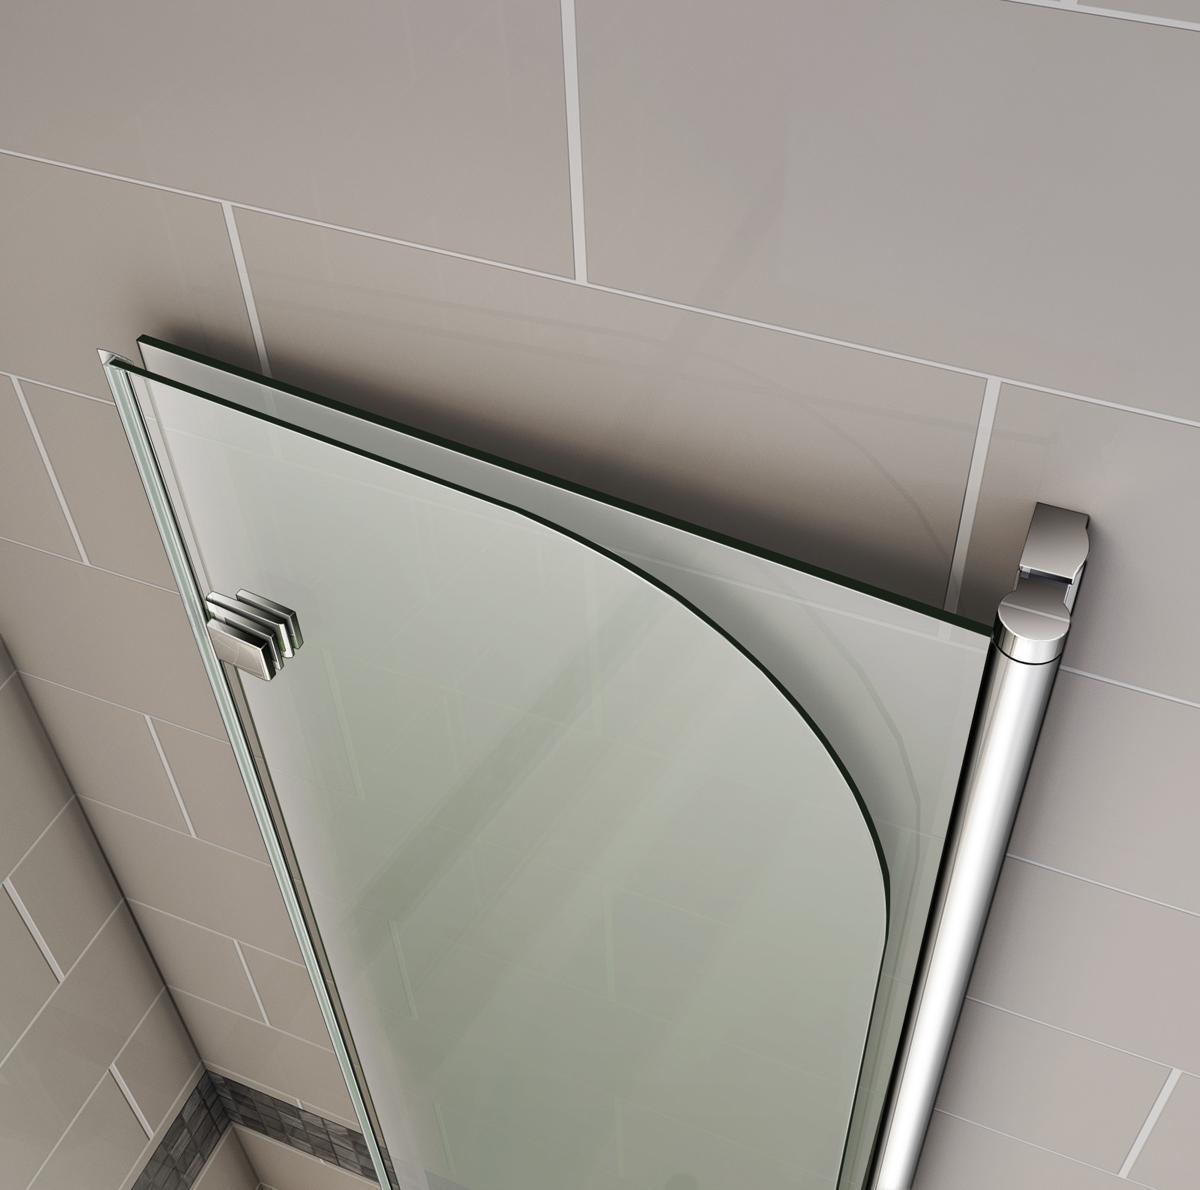 1000x1400mm 180 Hinge 2 Fold Bath Shower Screen Door